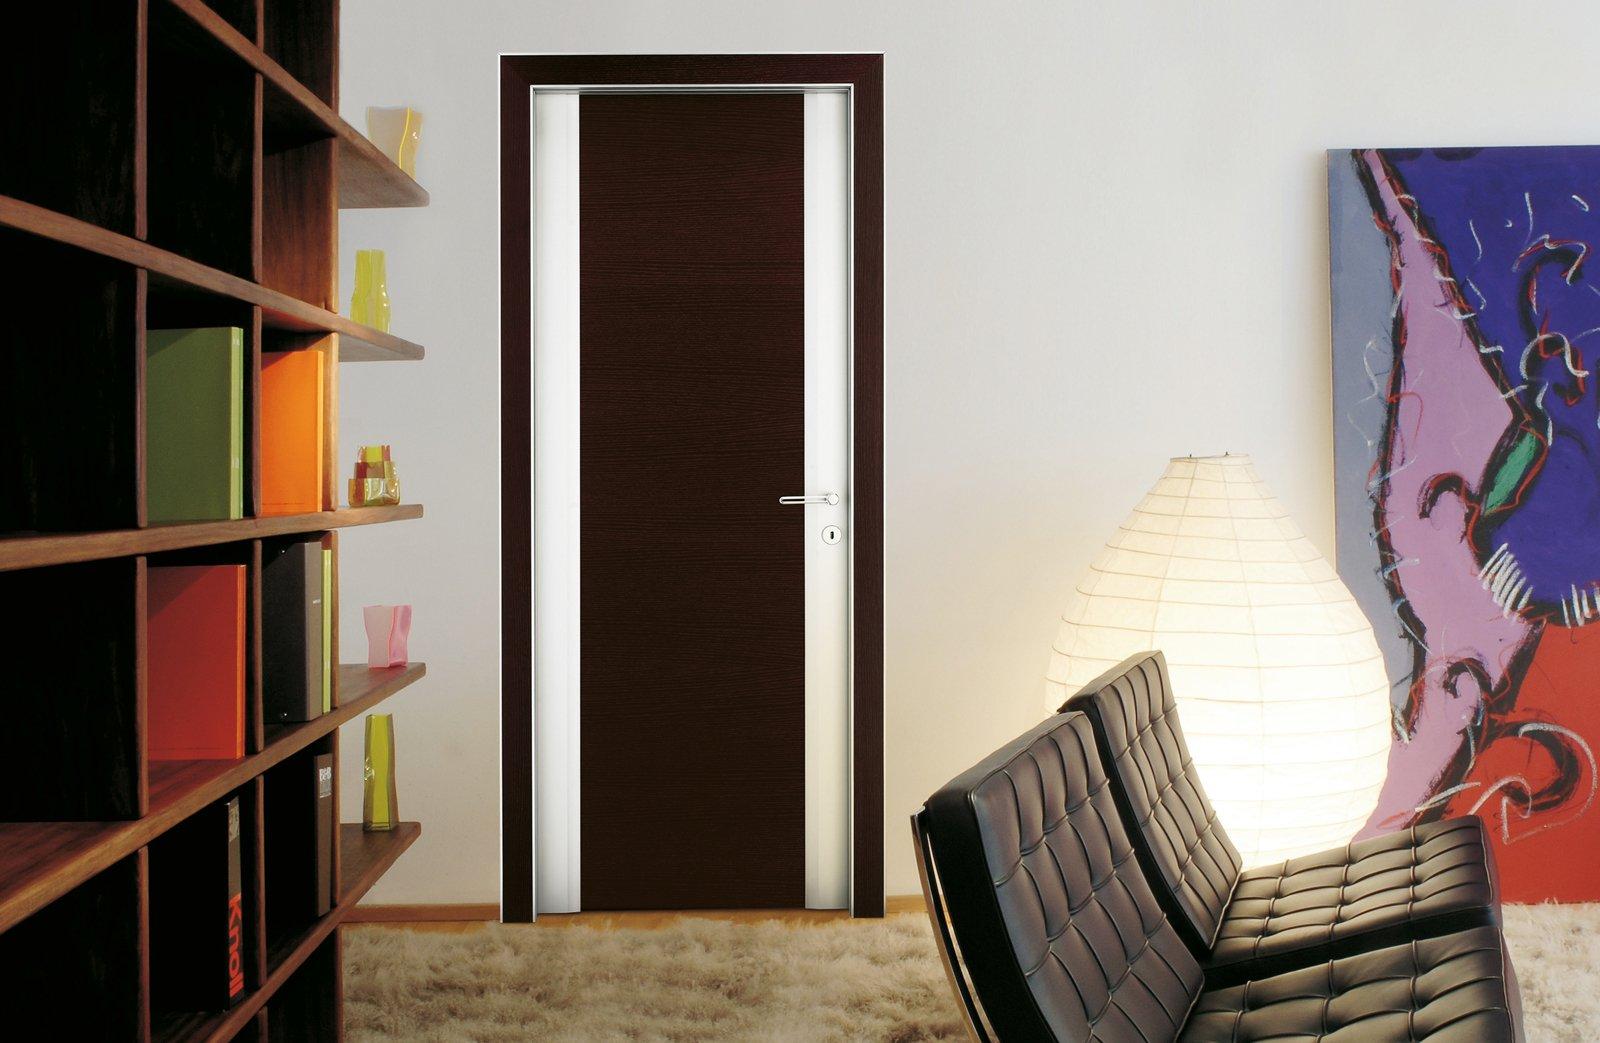 Porte e arredo i consigli su come abbinare stili e for Misure standard stanze di una casa